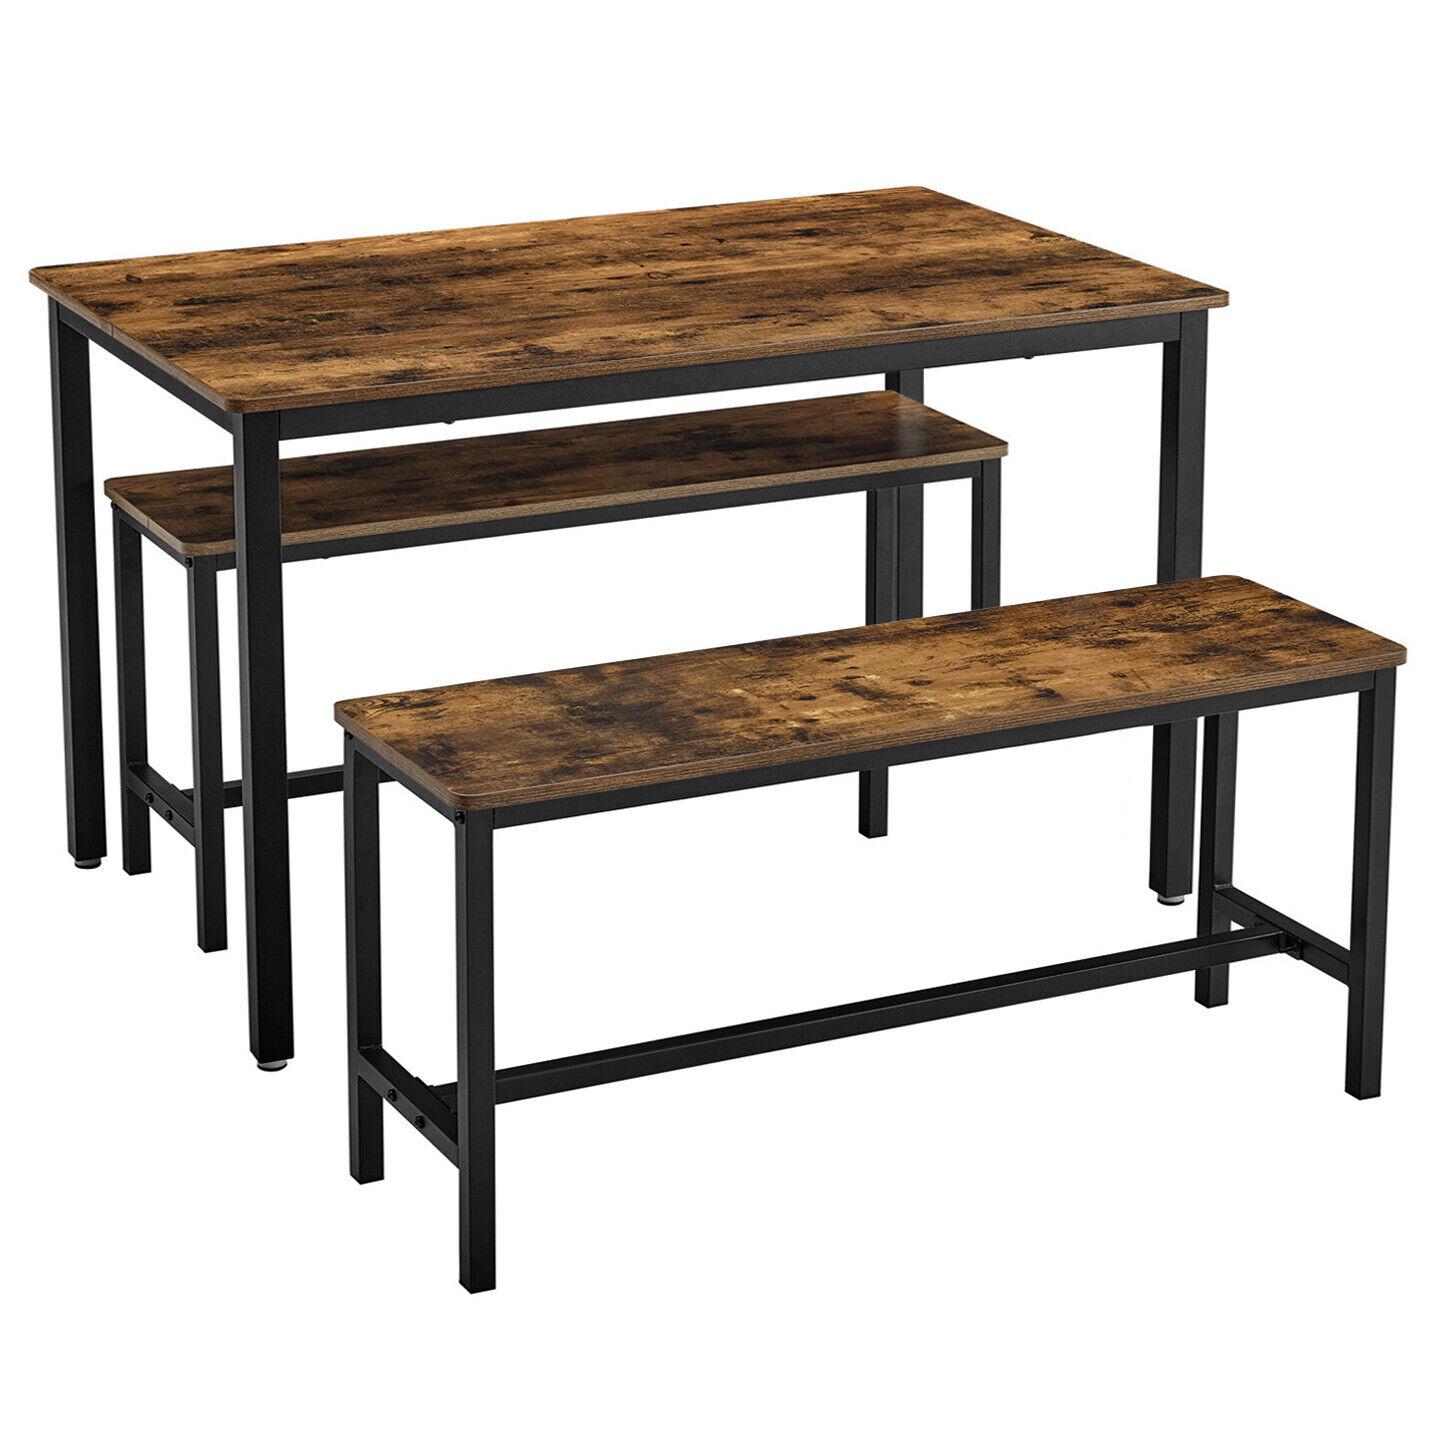 Esstisch Küchentisch Set mit 2 Bänken Esszimmertisch